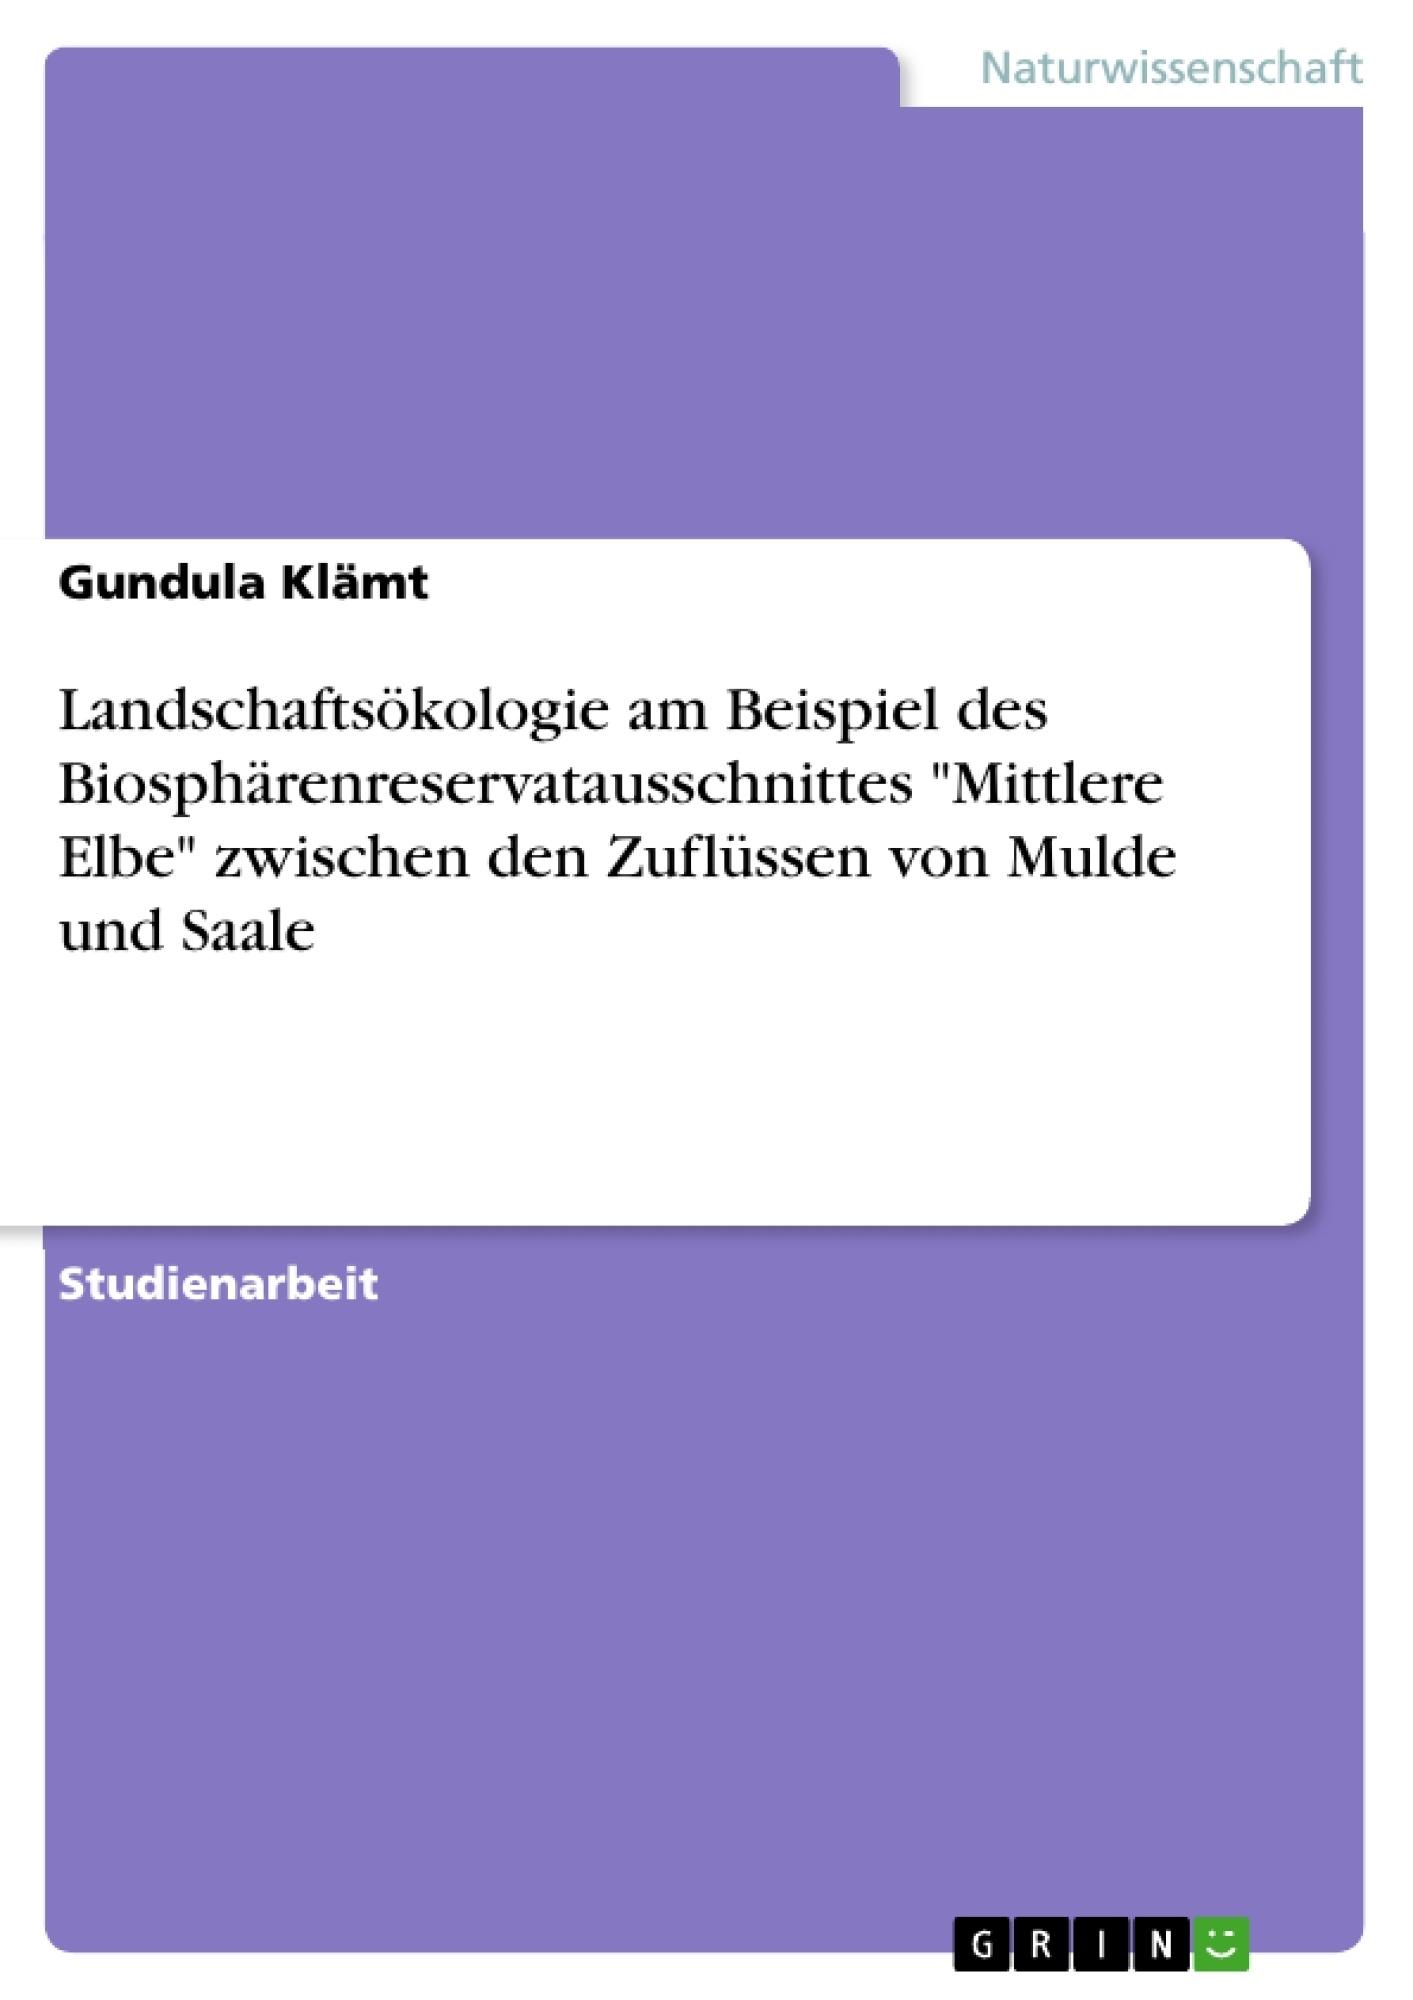 """Titel: Landschaftsökologie am Beispiel des Biosphärenreservatausschnittes """"Mittlere Elbe"""" zwischen den Zuflüssen von Mulde und Saale"""